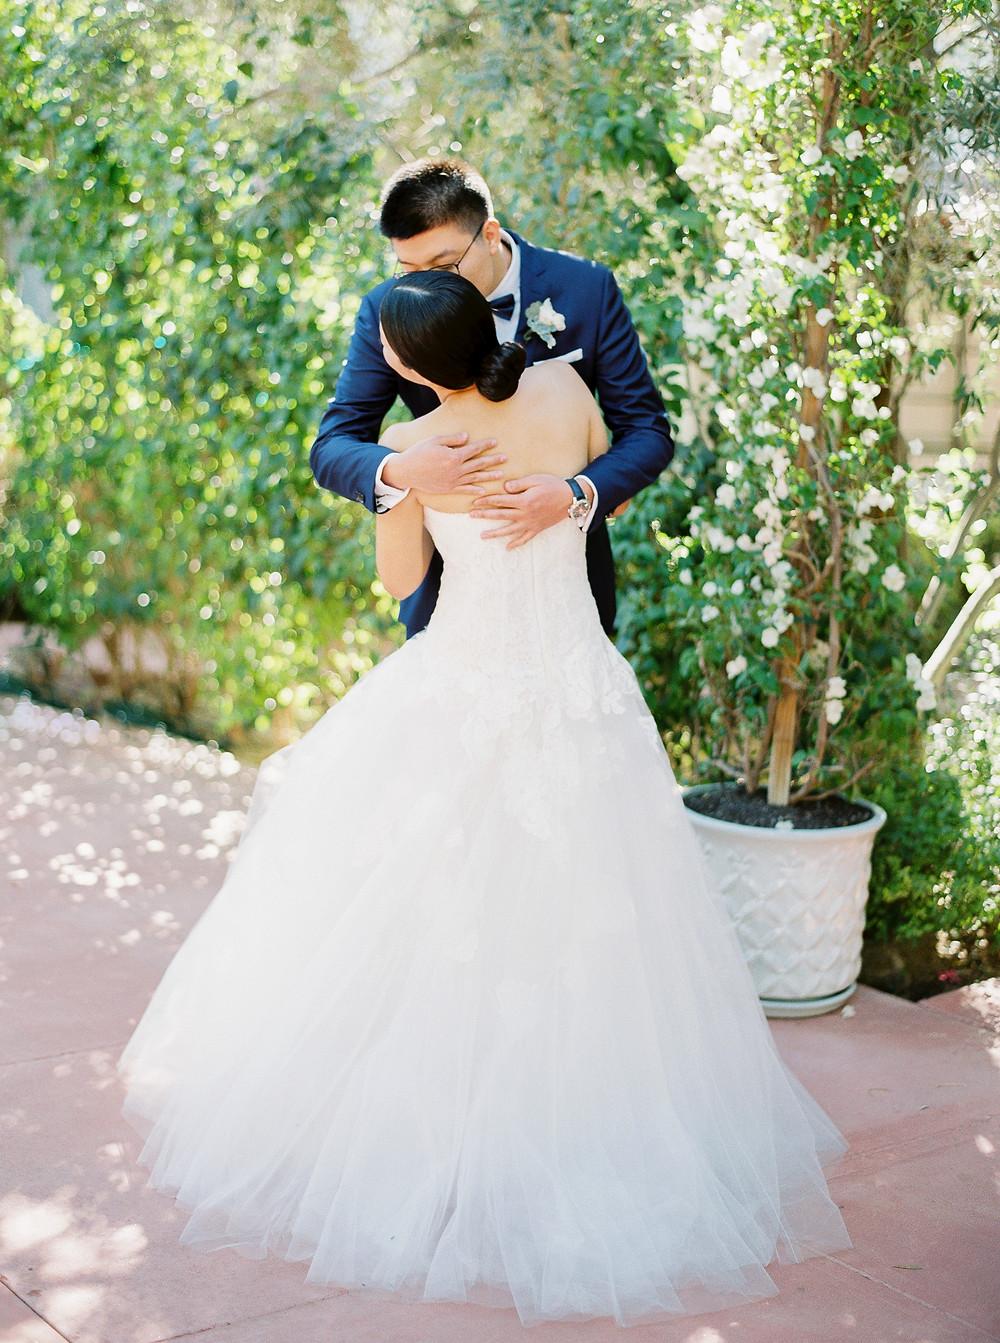 El Chorro Wedding, Traditional Chinese Wedding, First Look